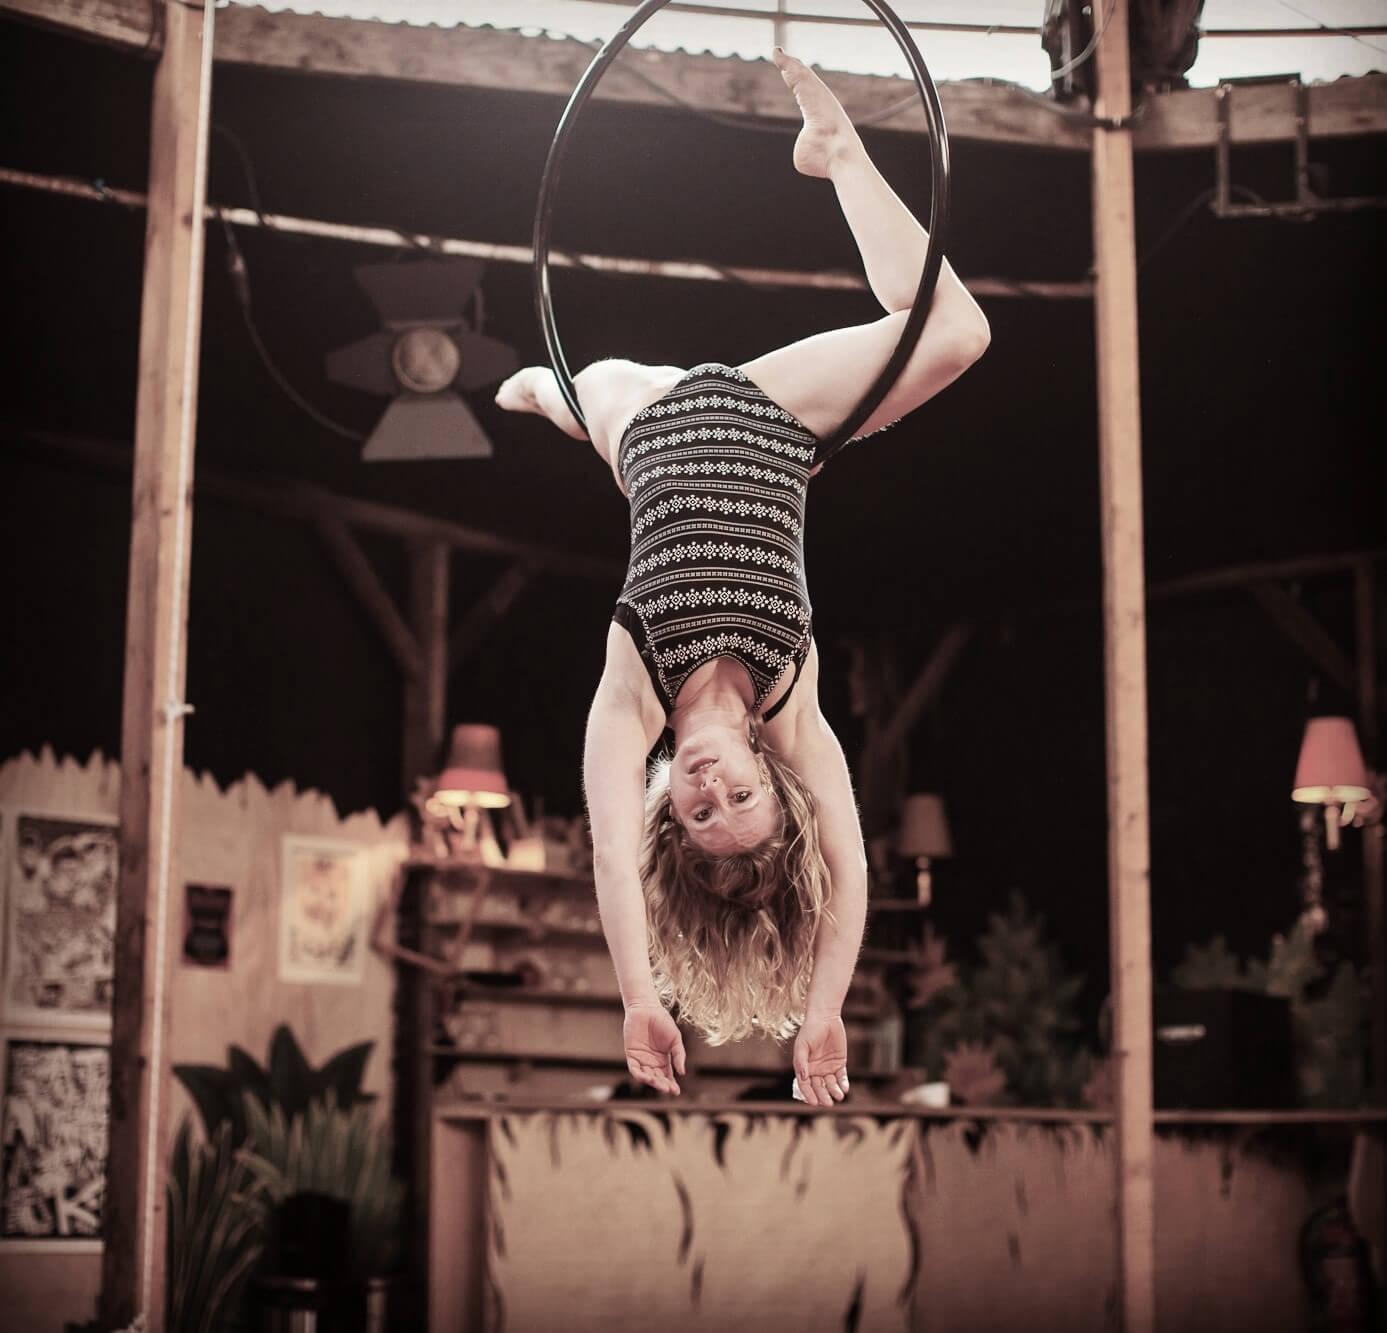 Cerceau aérien - aerial hoop